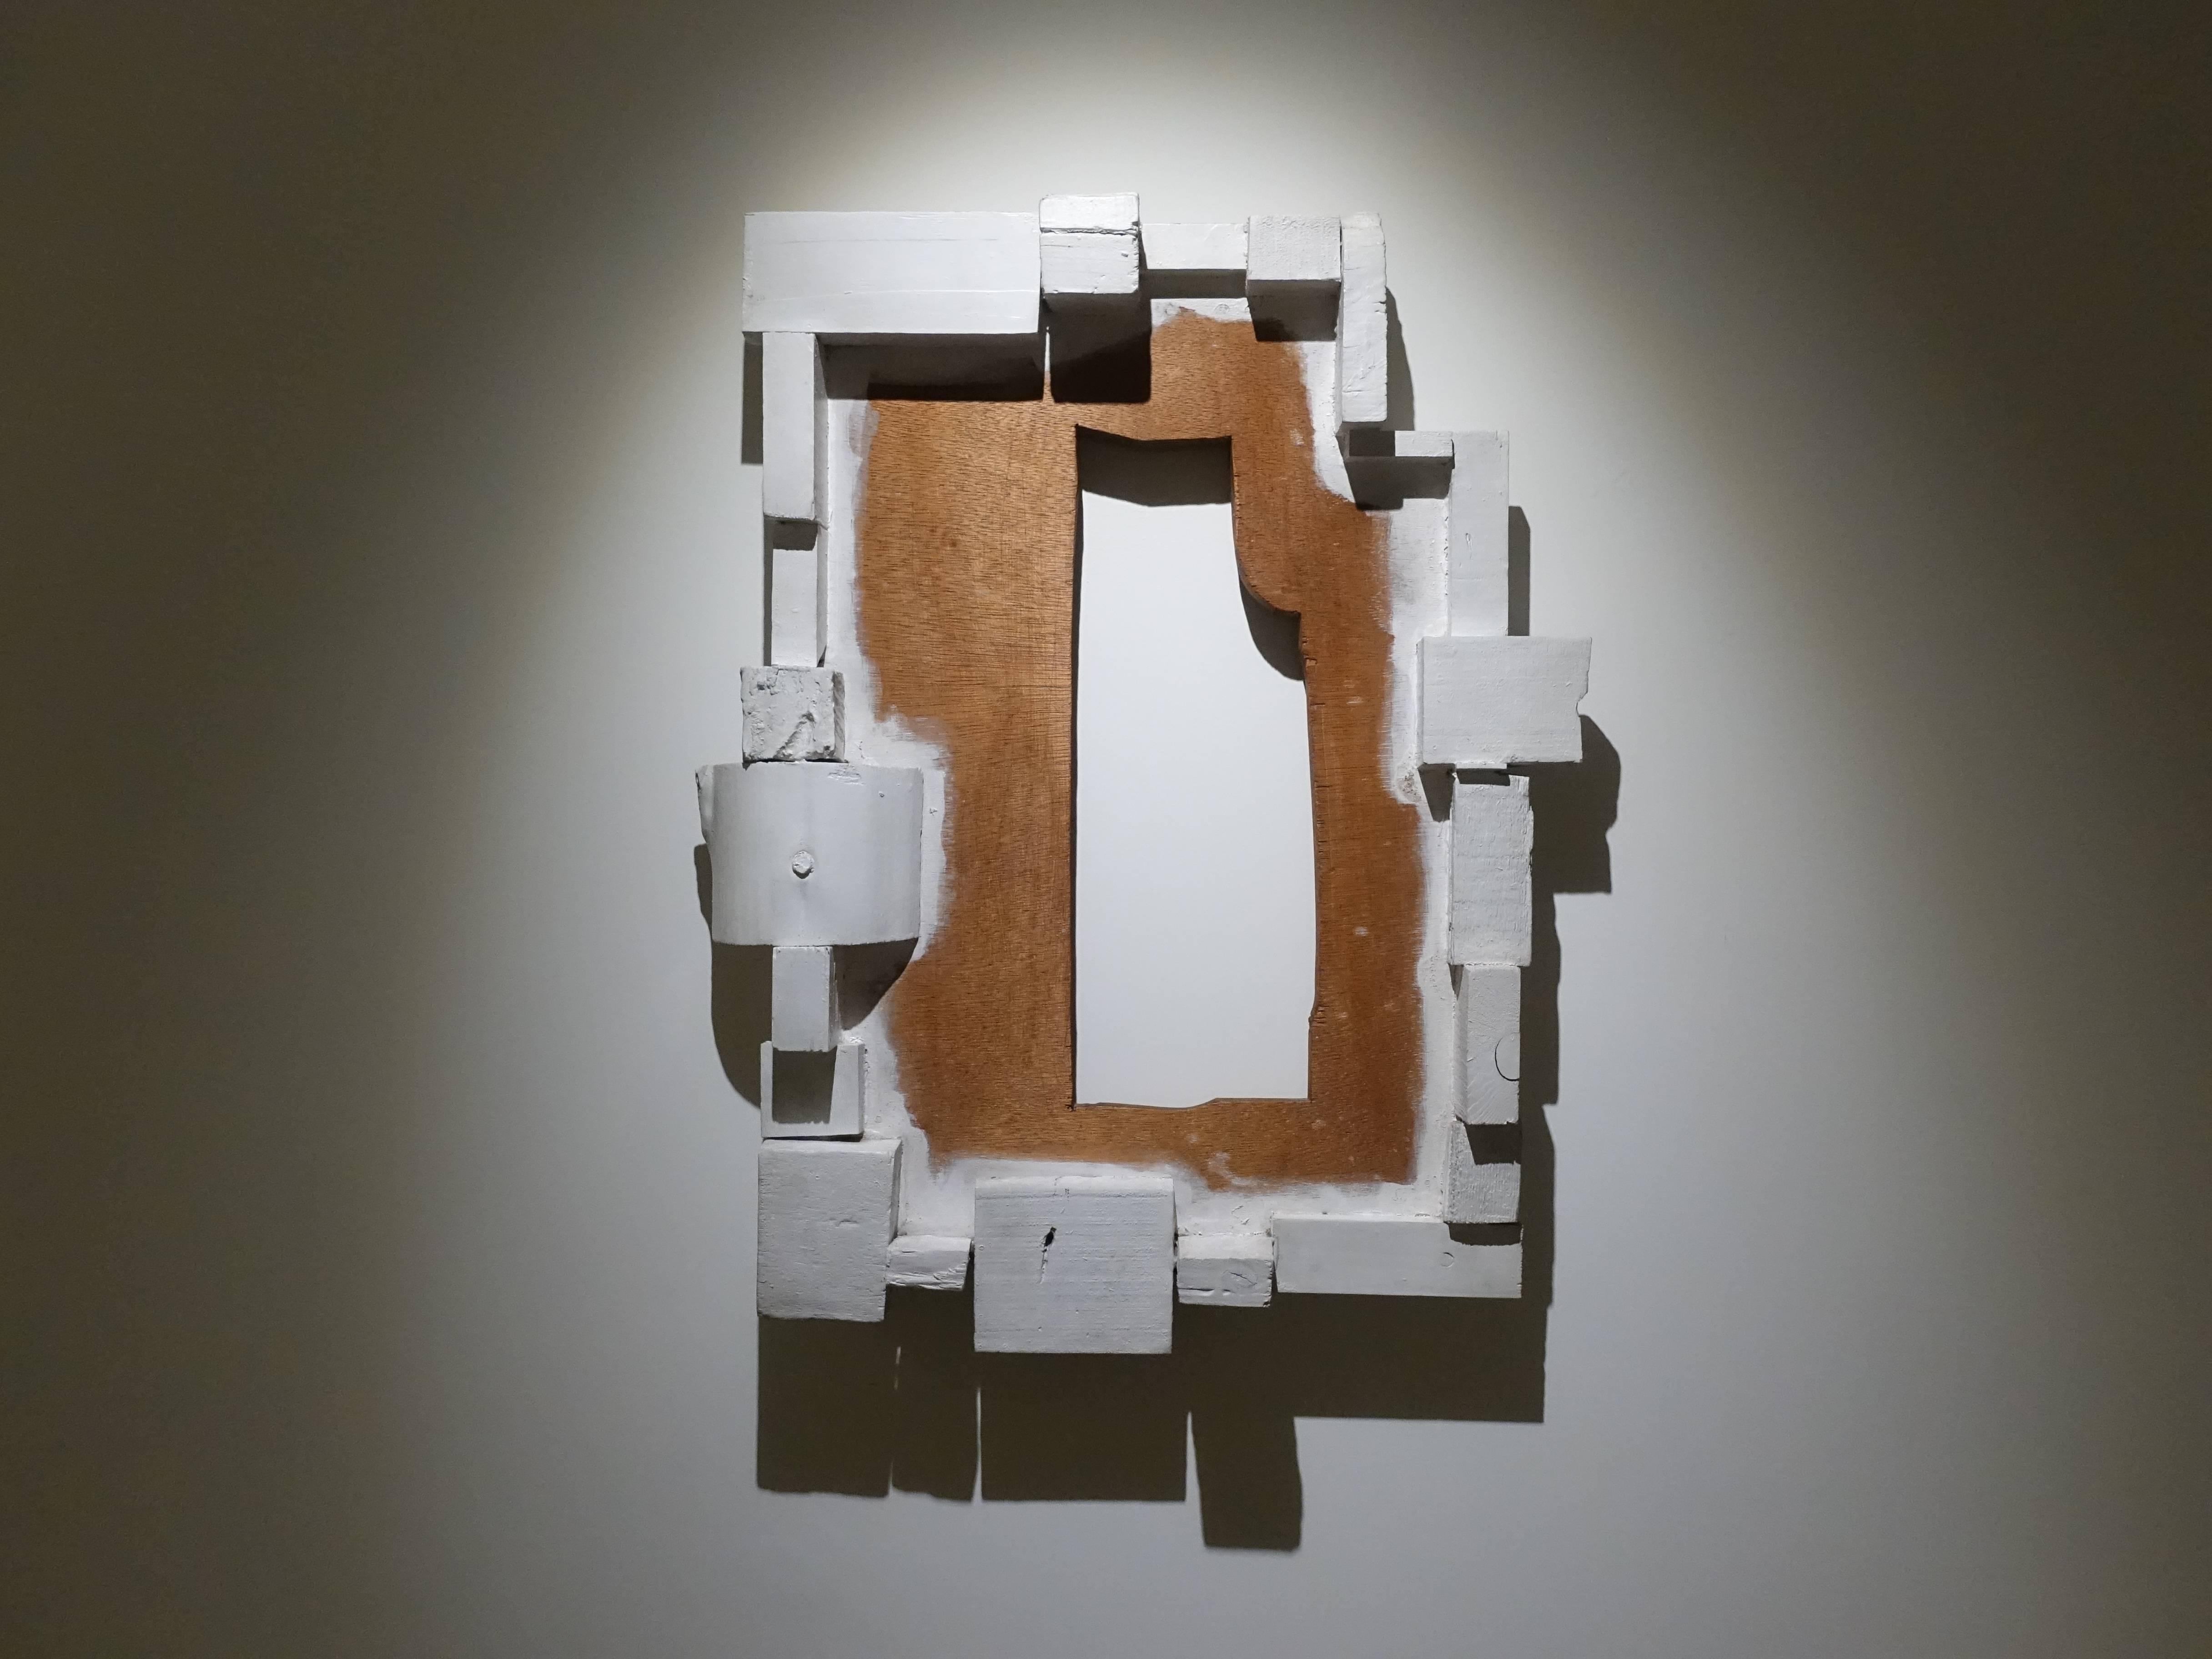 菅木志雄,《界之緣EDGE OF FIELD》,h68 x 54 x d9.5 cm,塗料、木,1987。